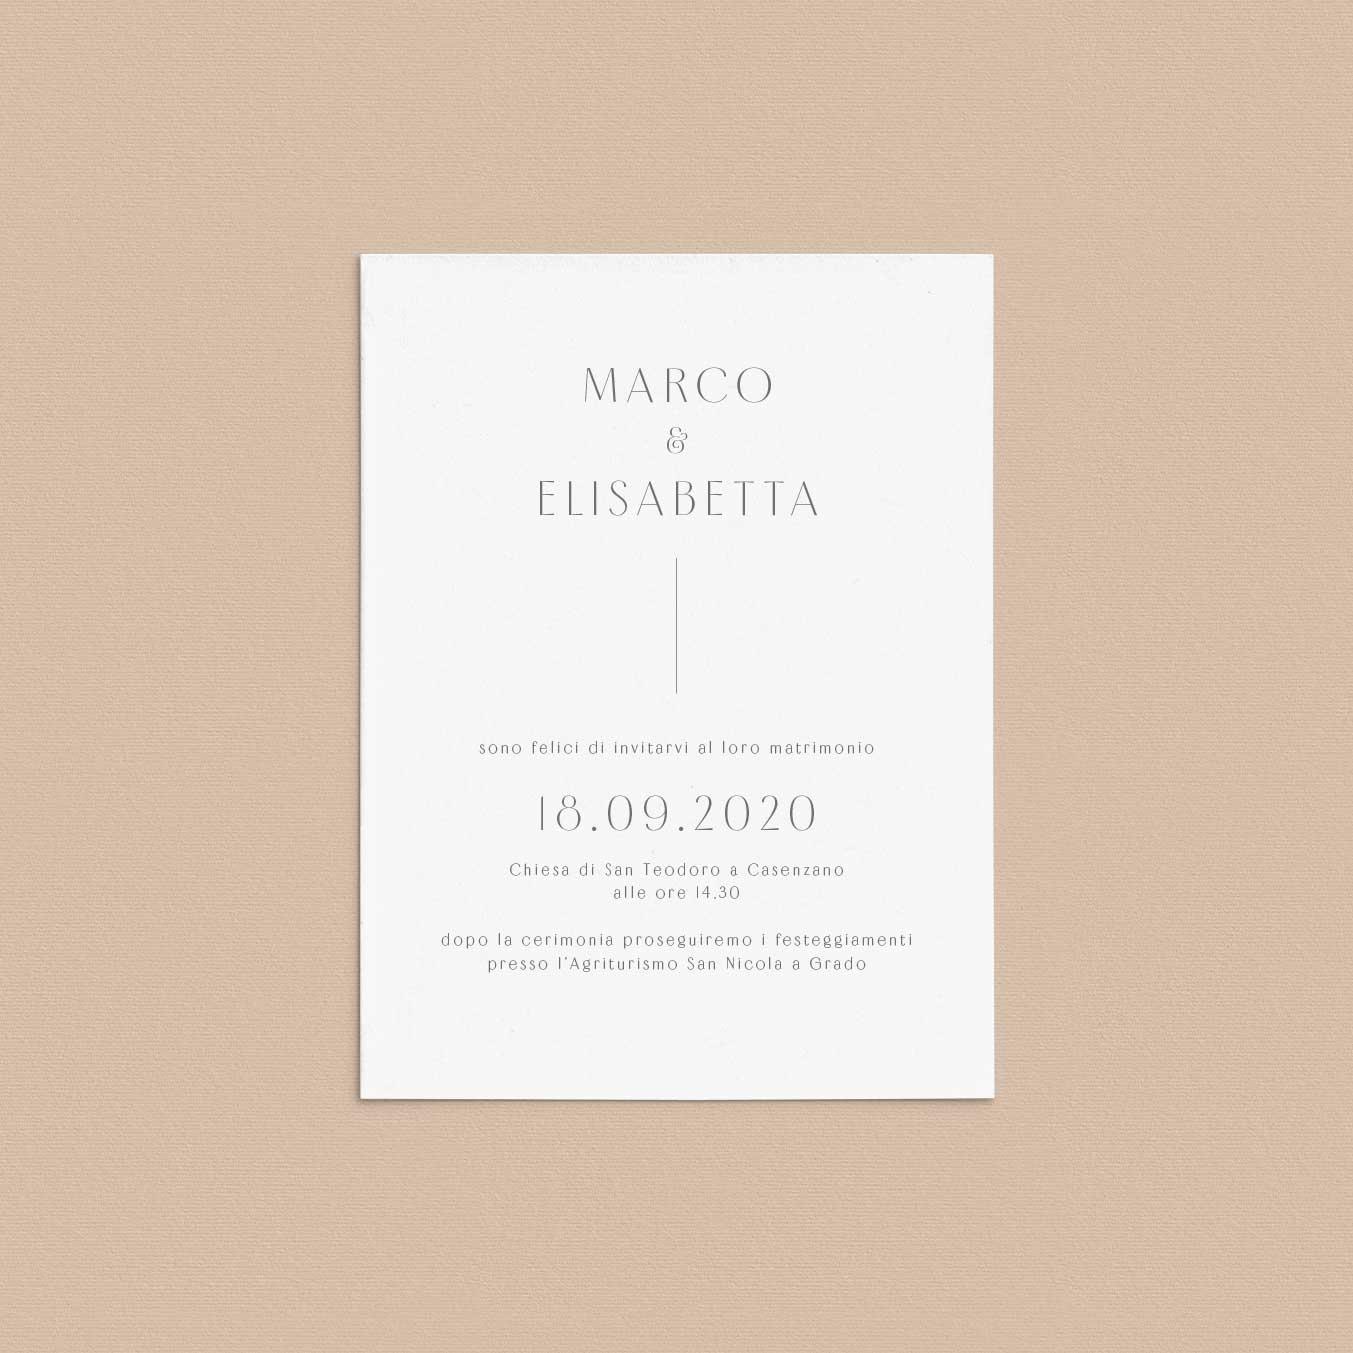 Inviti-Partecipazioni-Matrimonio-nozze-wedding-line-linea-moderne-semplici-essenziali-idee-esempi-modelli-catalogo-eleganti